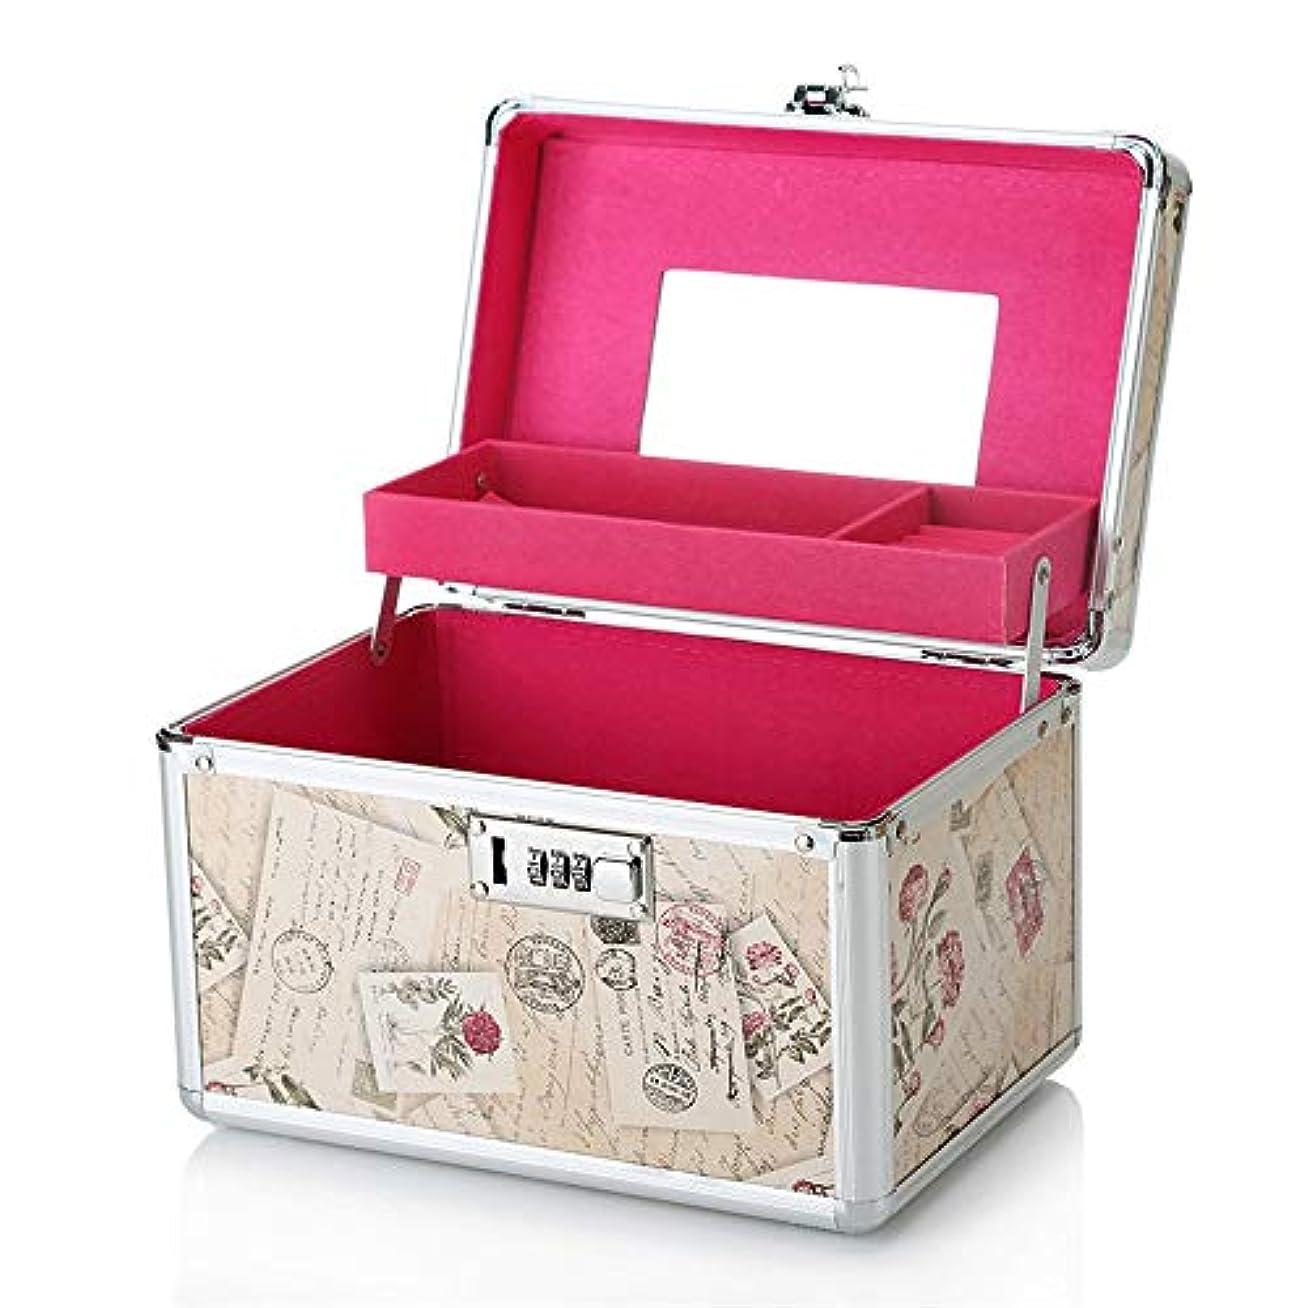 確実ヒゲ深遠特大スペース収納ビューティーボックス 美の構造のためそしてジッパーおよび折る皿が付いている女の子の女性旅行そして毎日の貯蔵のための高容量の携帯用化粧品袋 化粧品化粧台